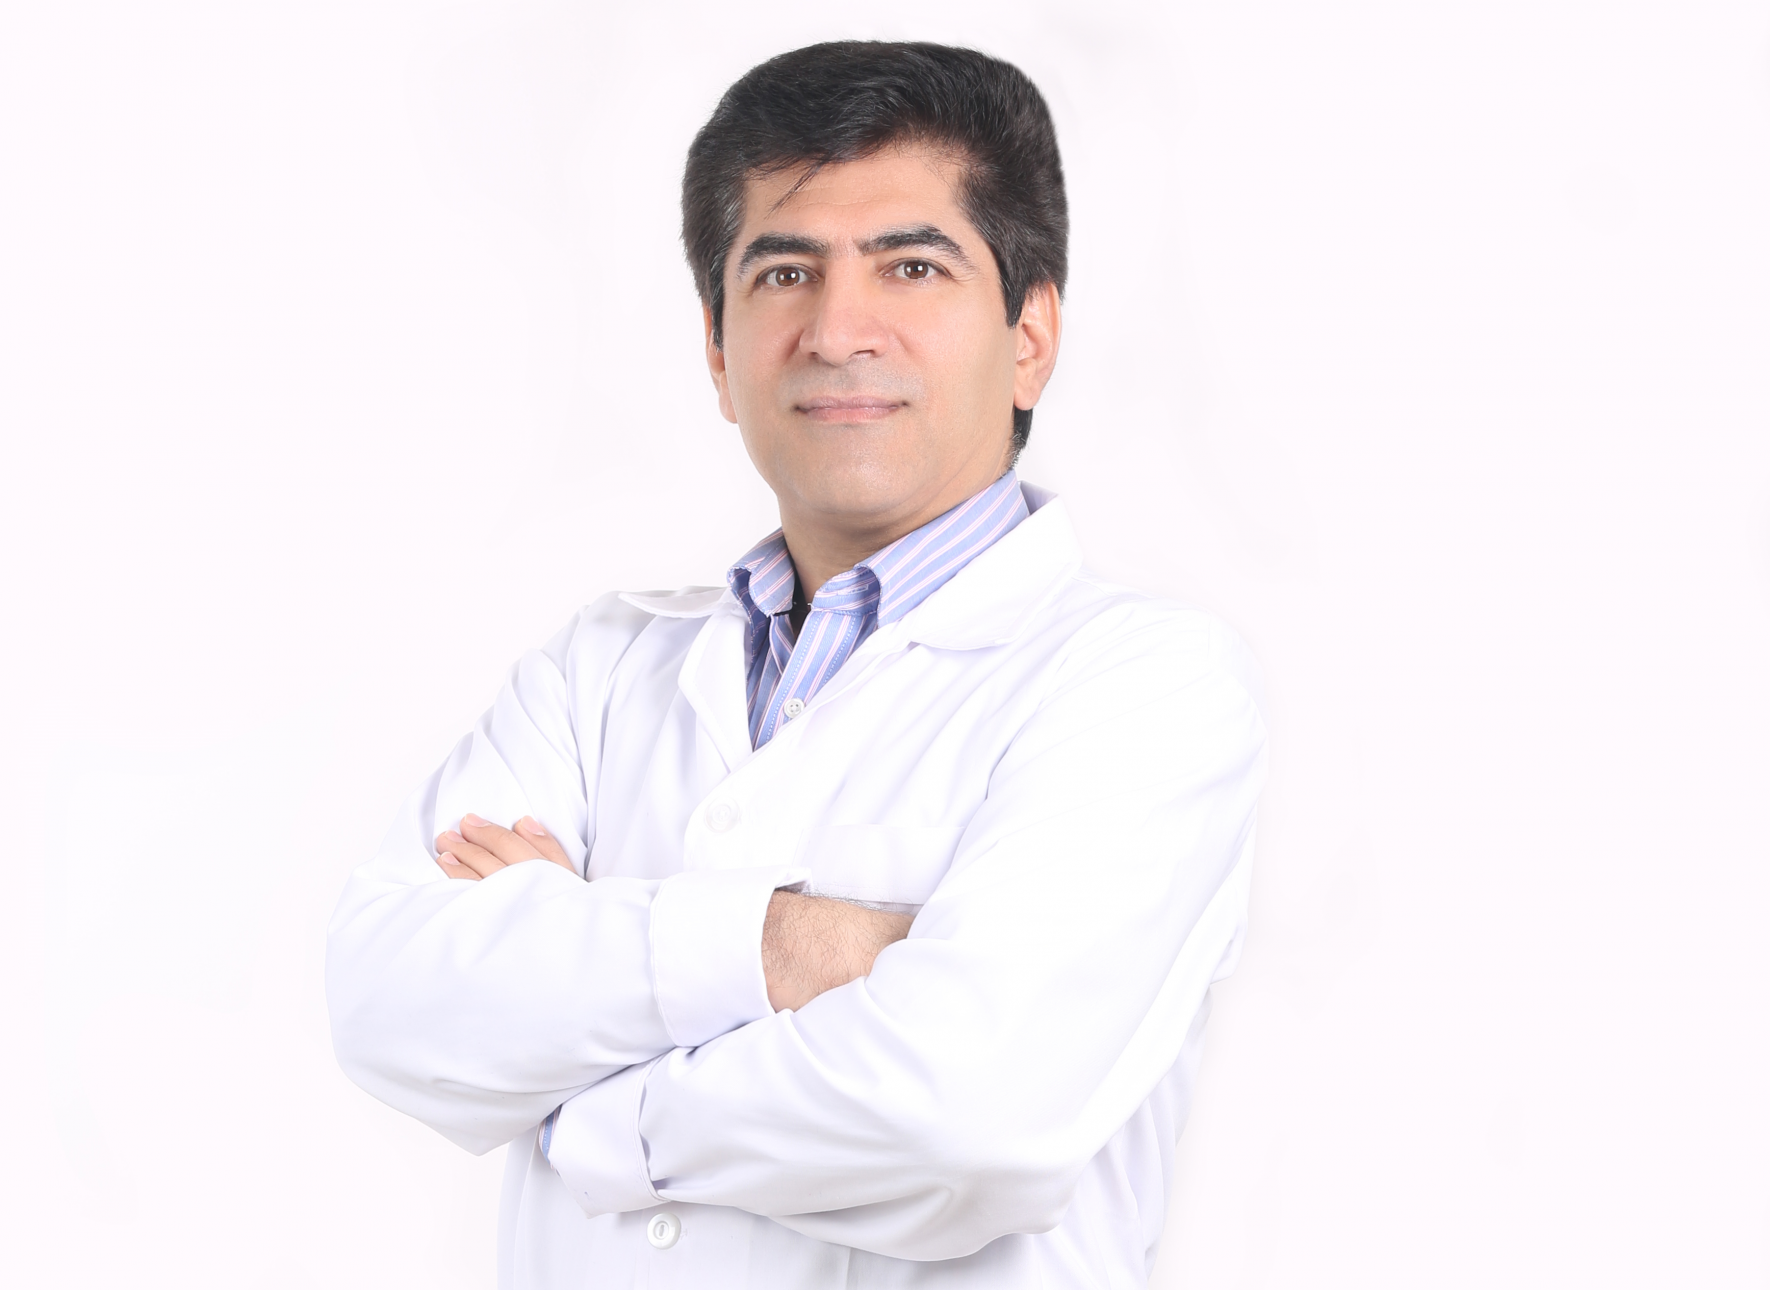 دکترحمیدرضا رئیس احمد